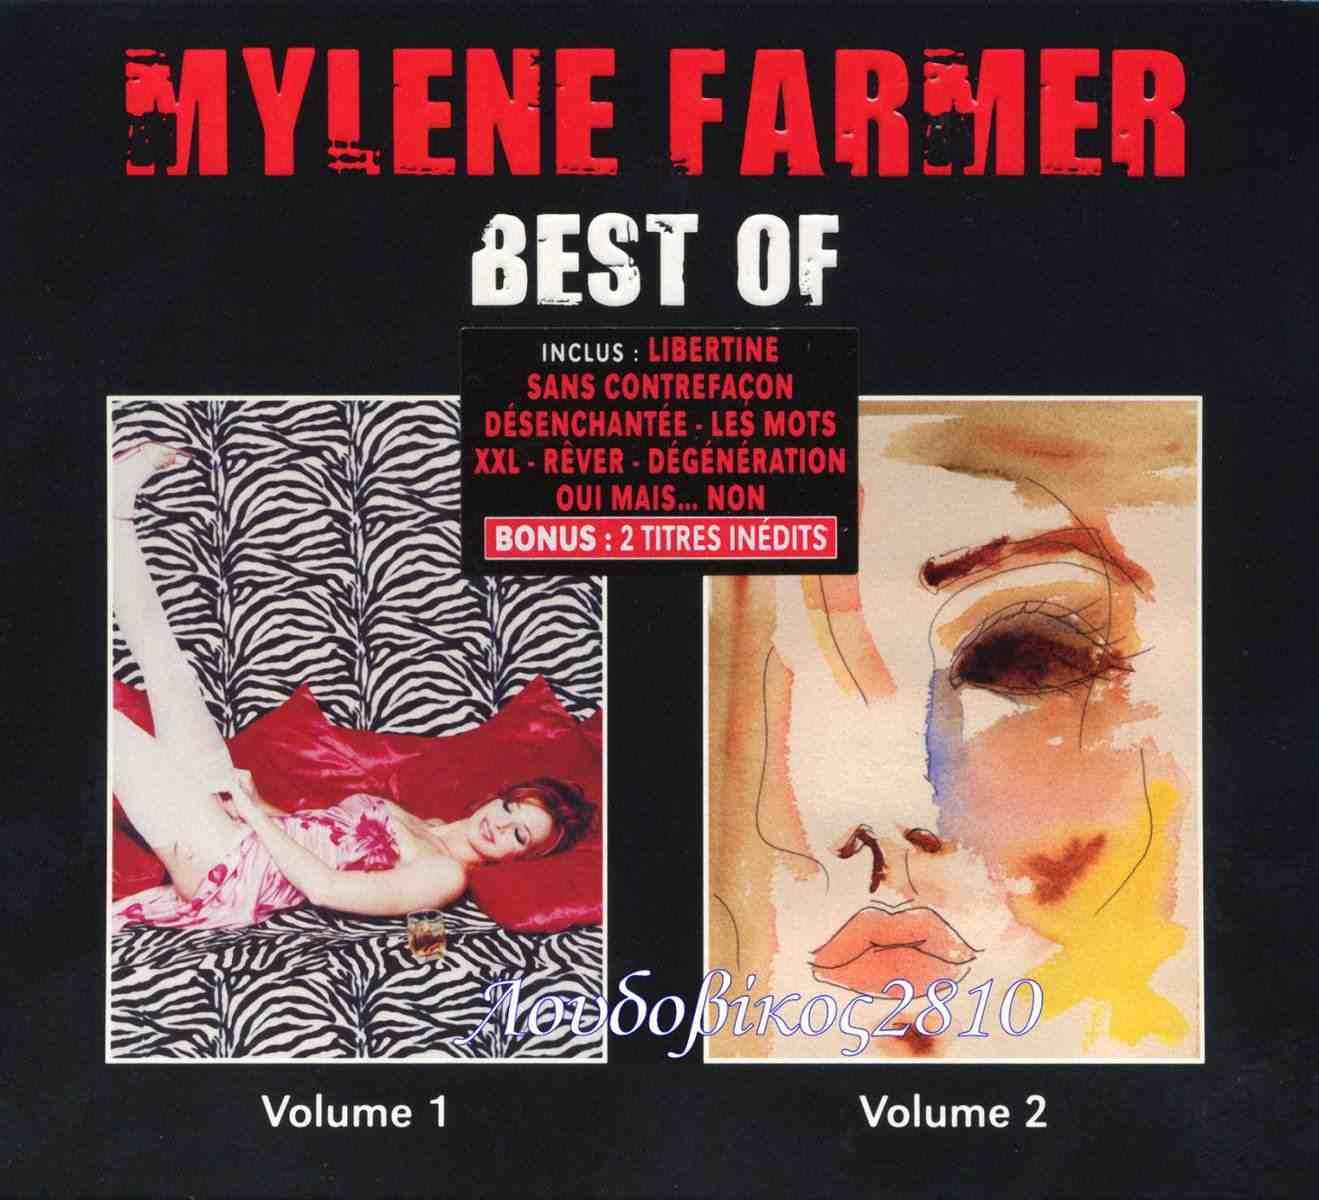 http://3.bp.blogspot.com/-mYPpPyEp1o0/UAJU2WPspQI/AAAAAAAAYIY/z2eUT45G2Uc/s1600/Mylene+Farmer+_+Best+Of.jpg